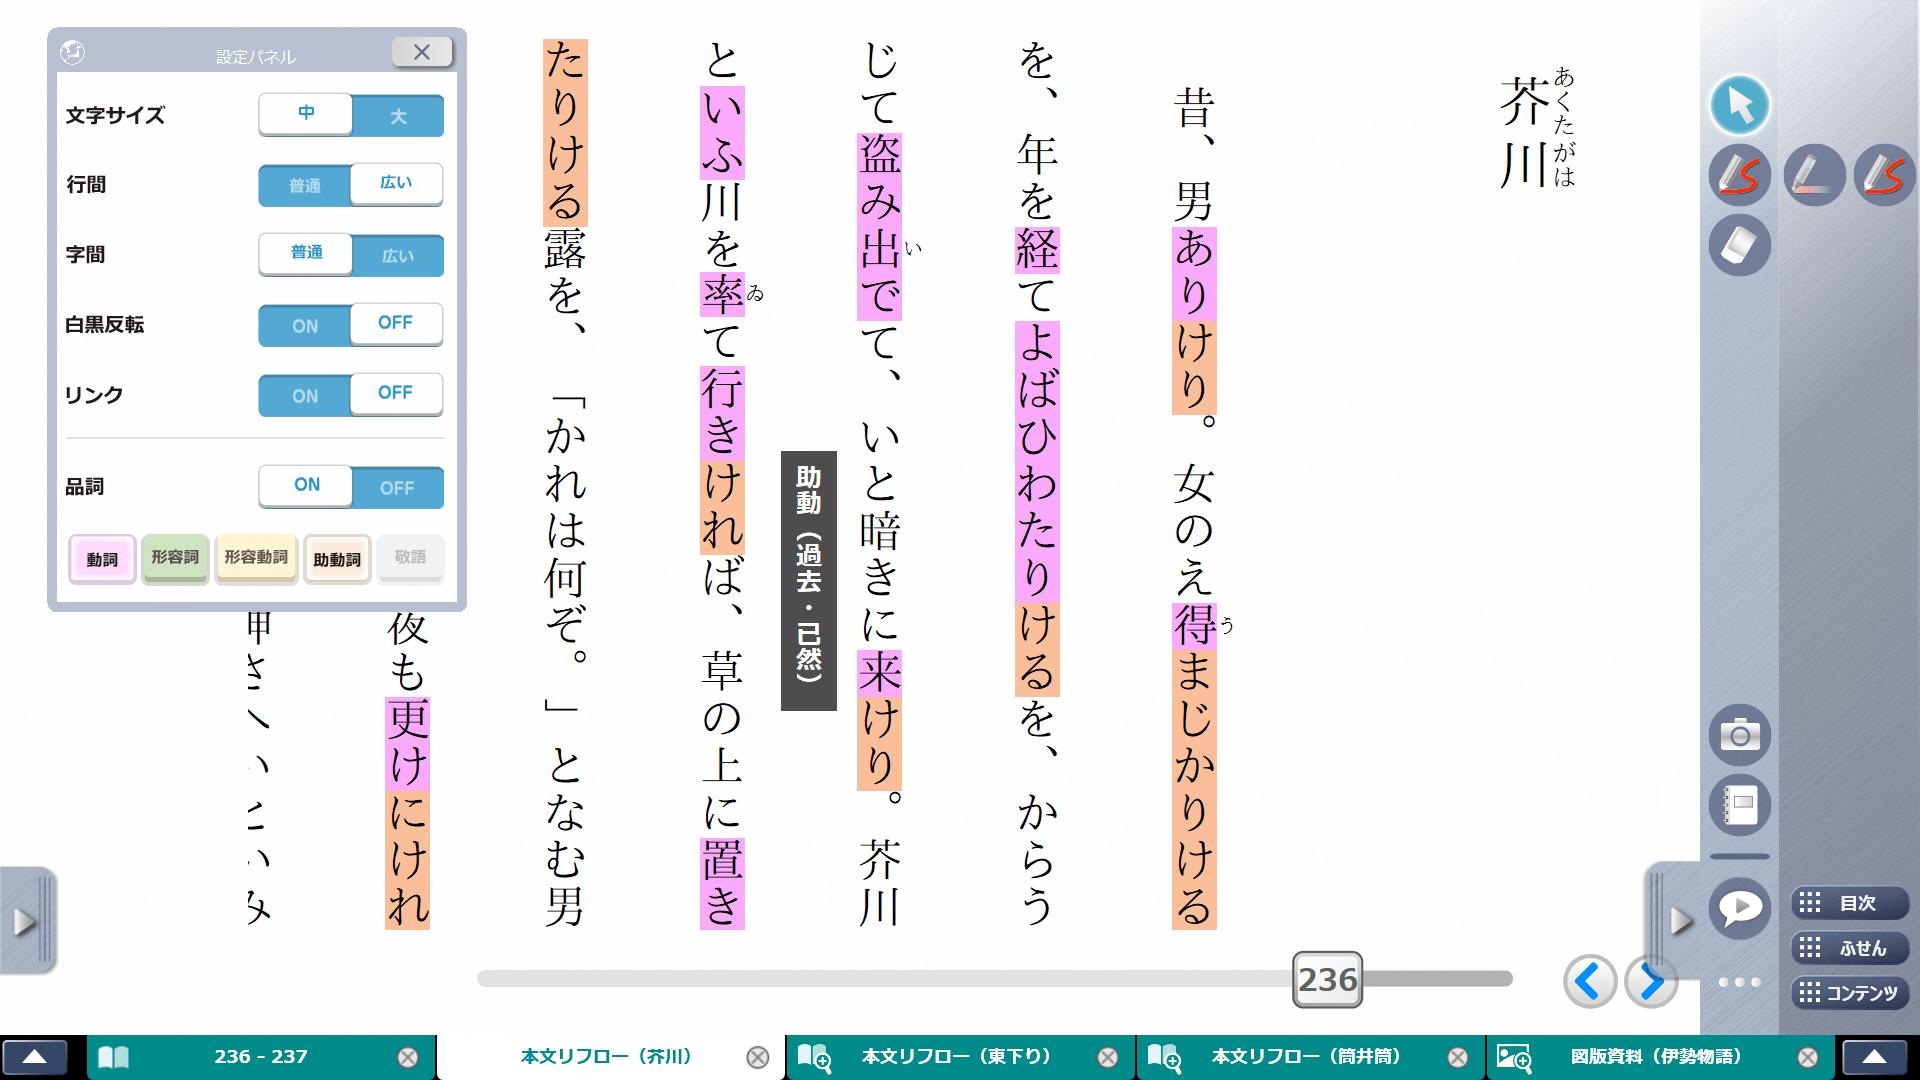 品詞・敬語のハイライト【古文のみ】